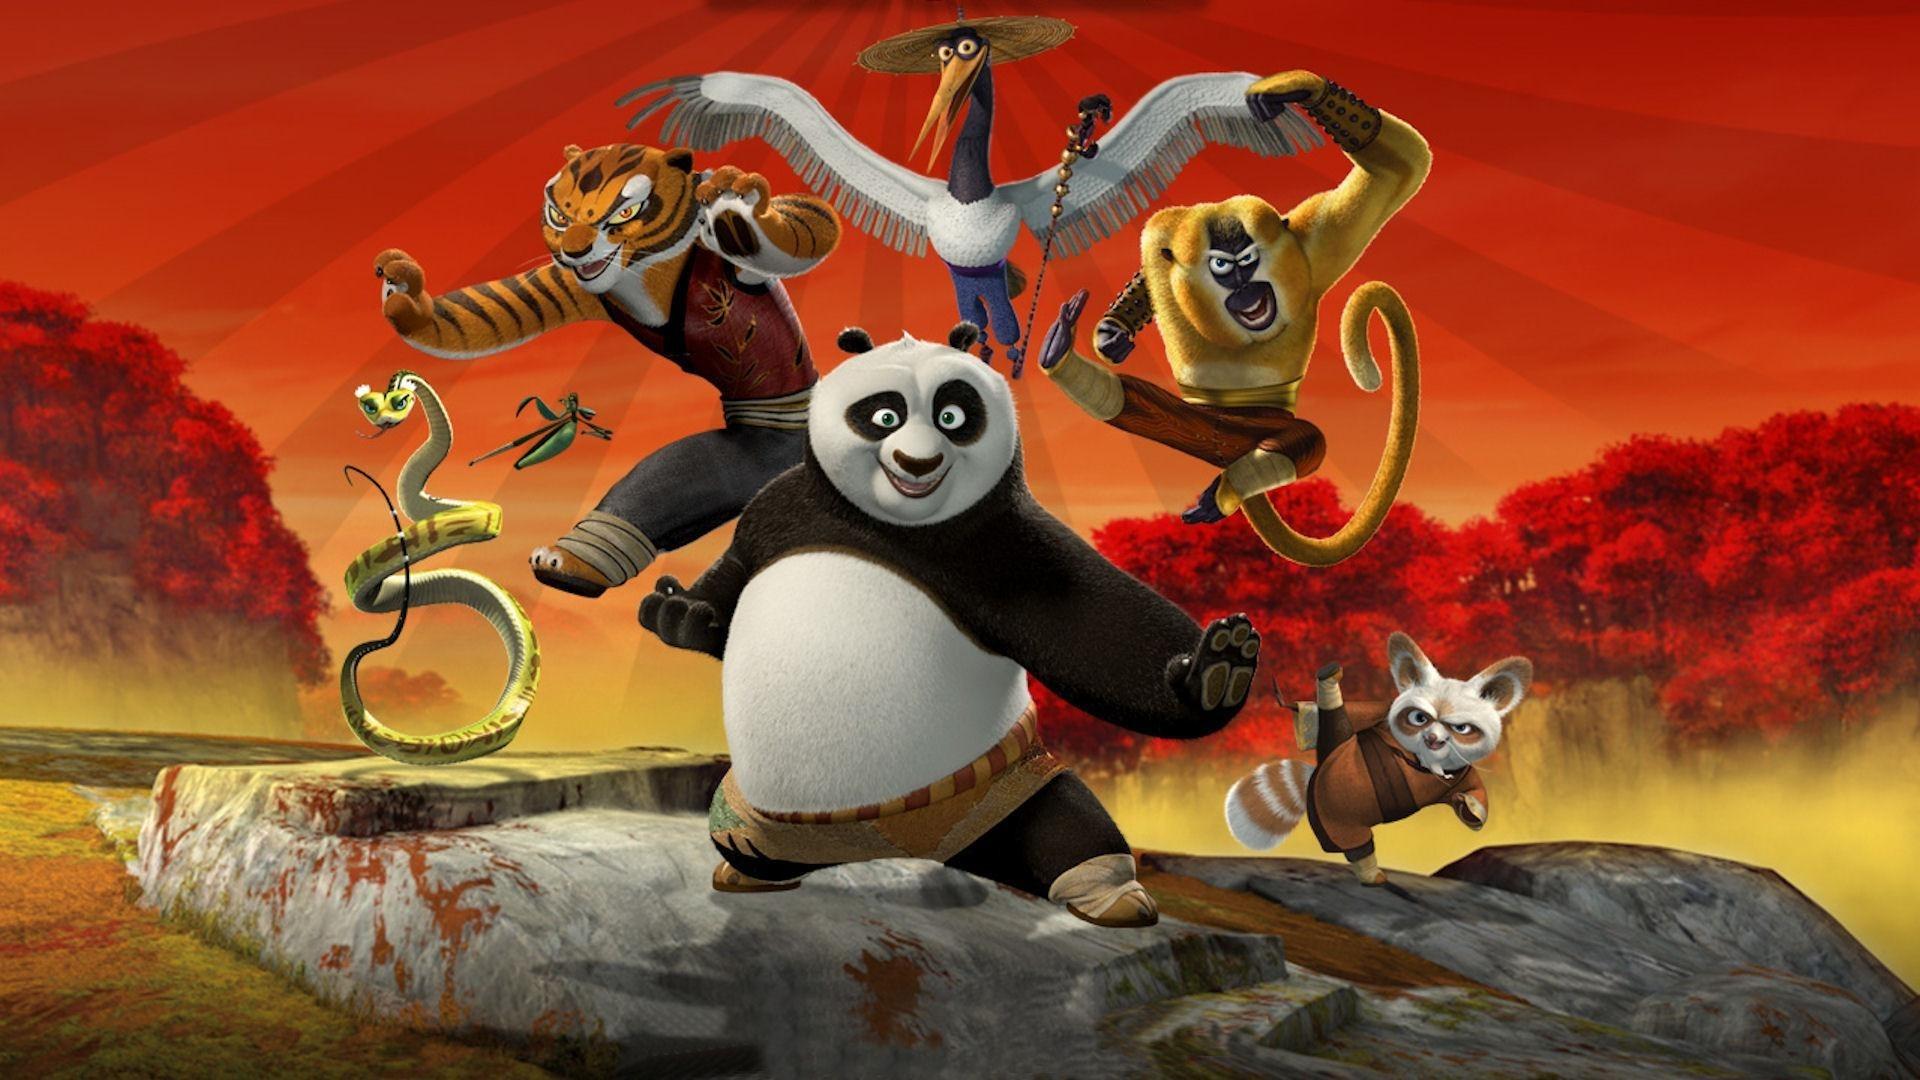 Kung Fu Panda desktop wallpaper download